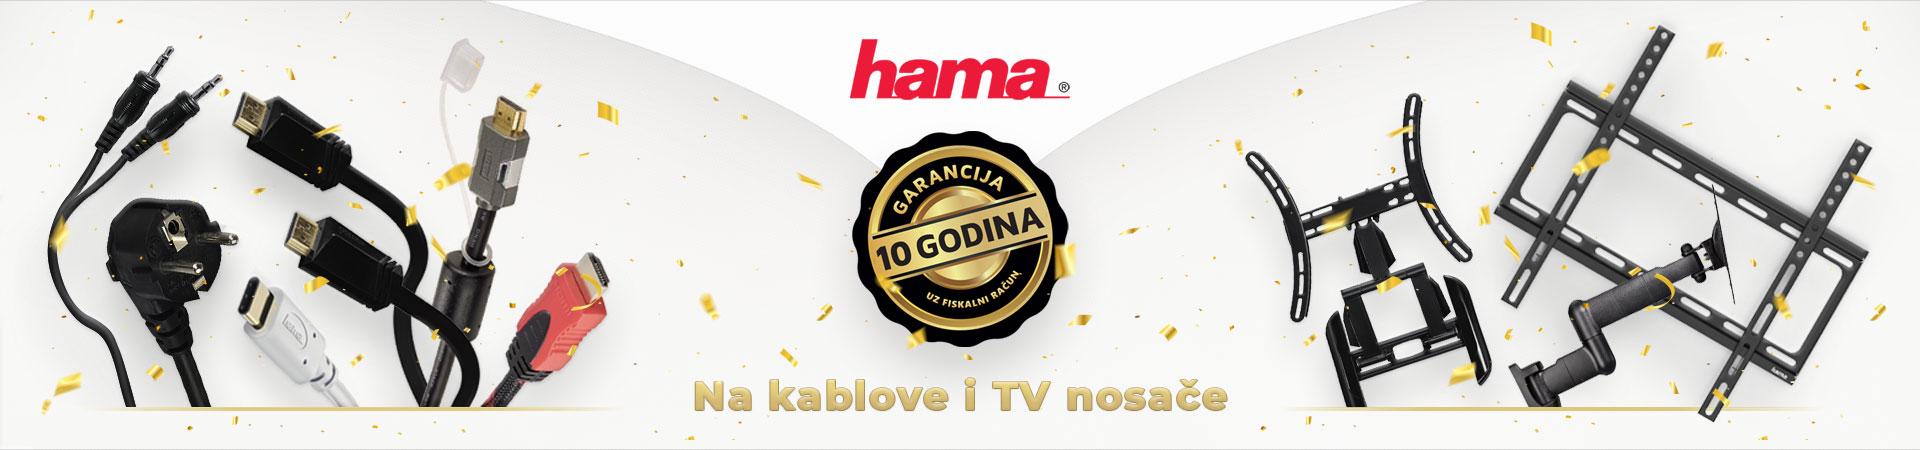 10 godina garancije na Hama kablove i TV nosače